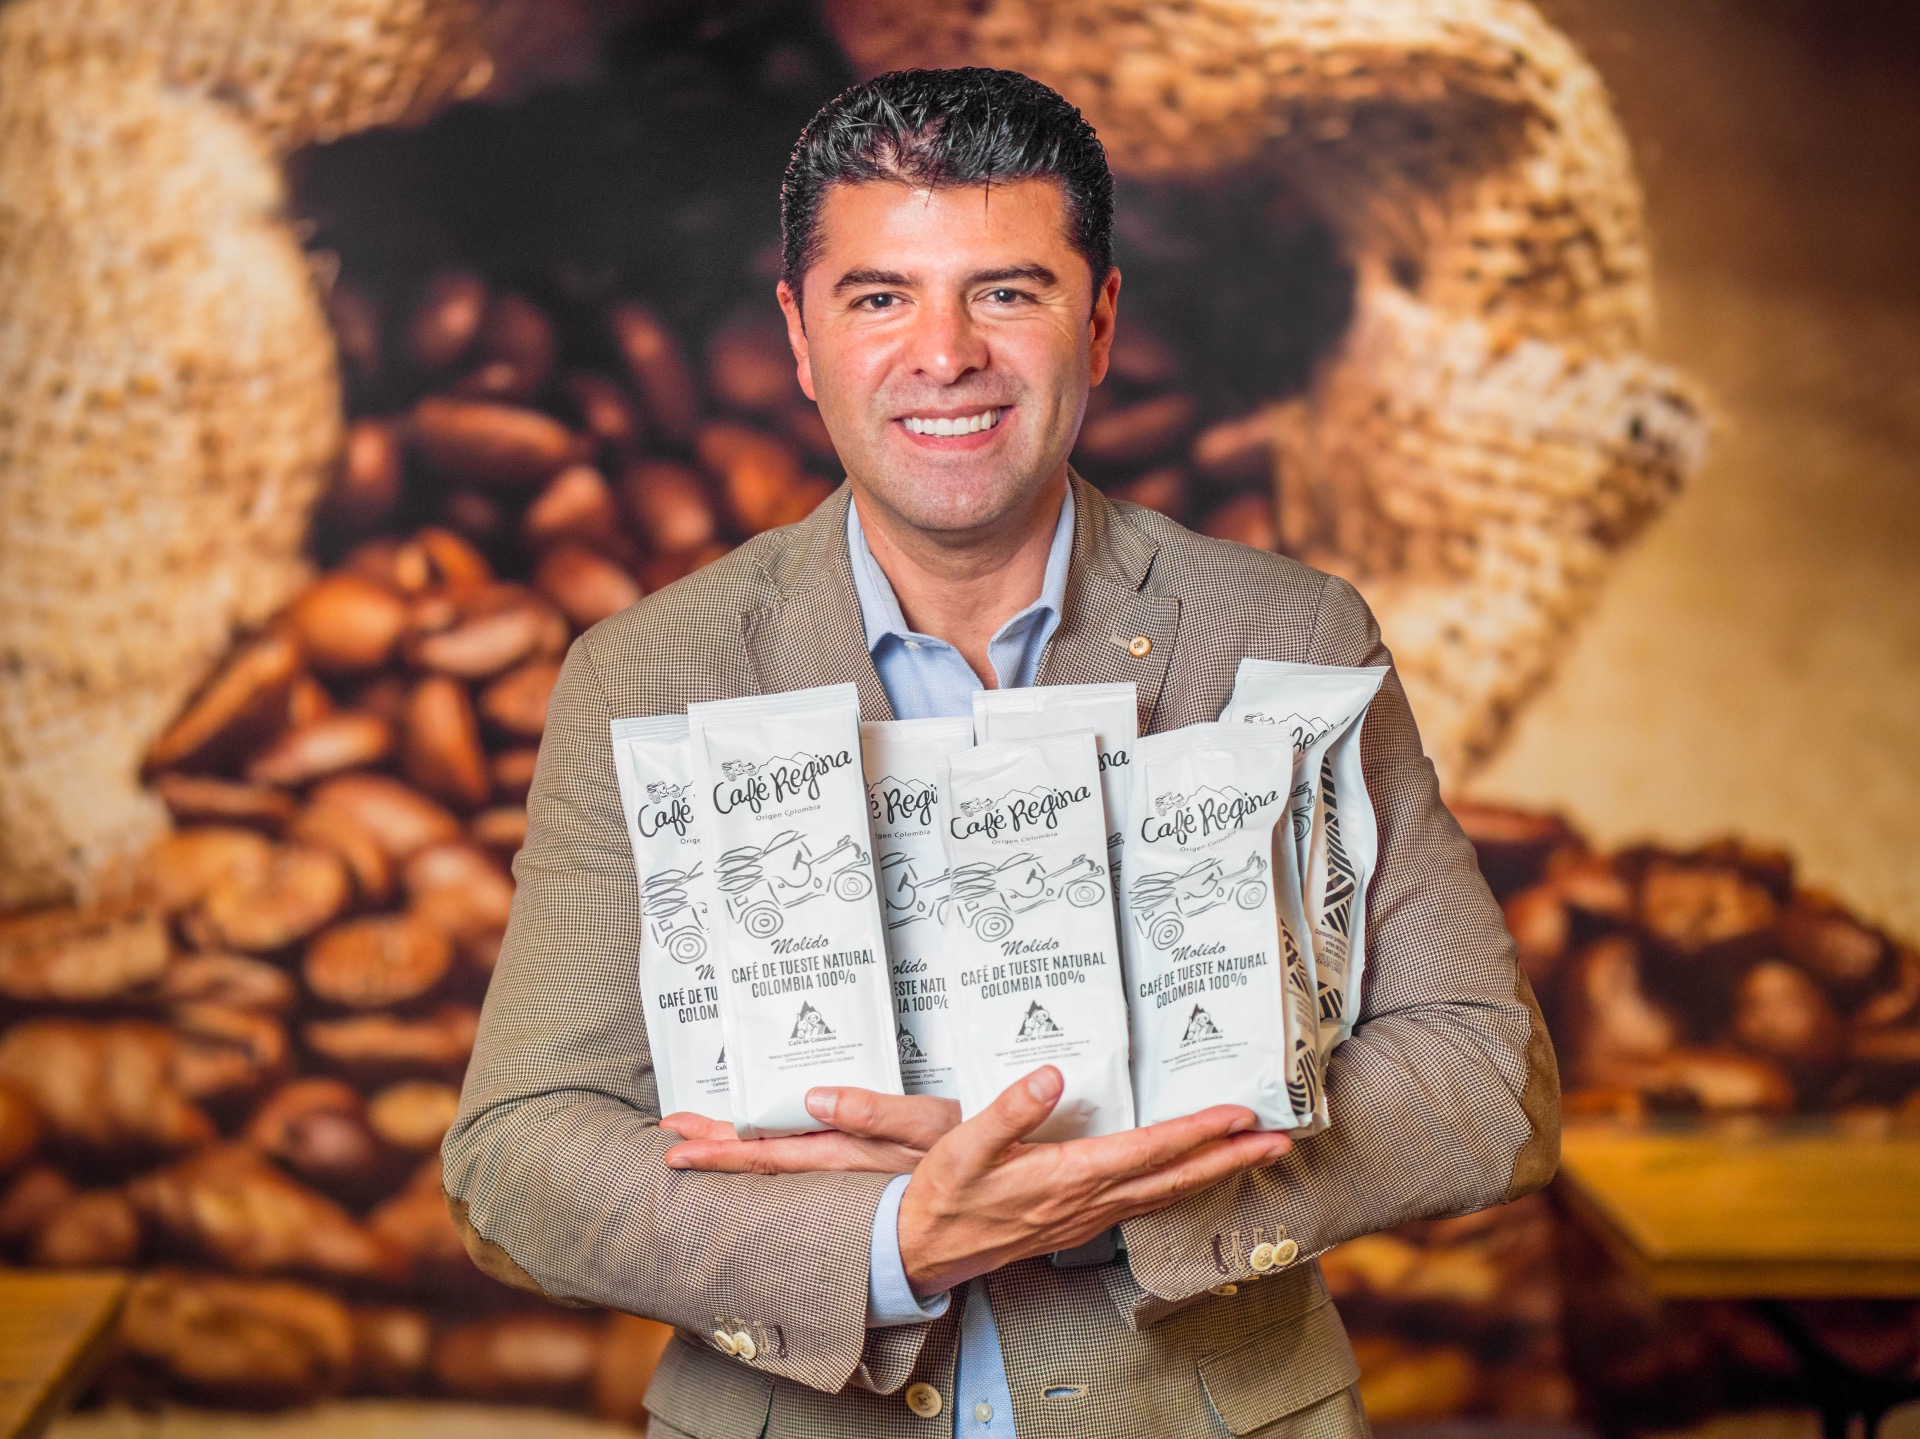 Mario Gil en Café Regina CEO del grupo M&M restauración en Zona Mesa y López